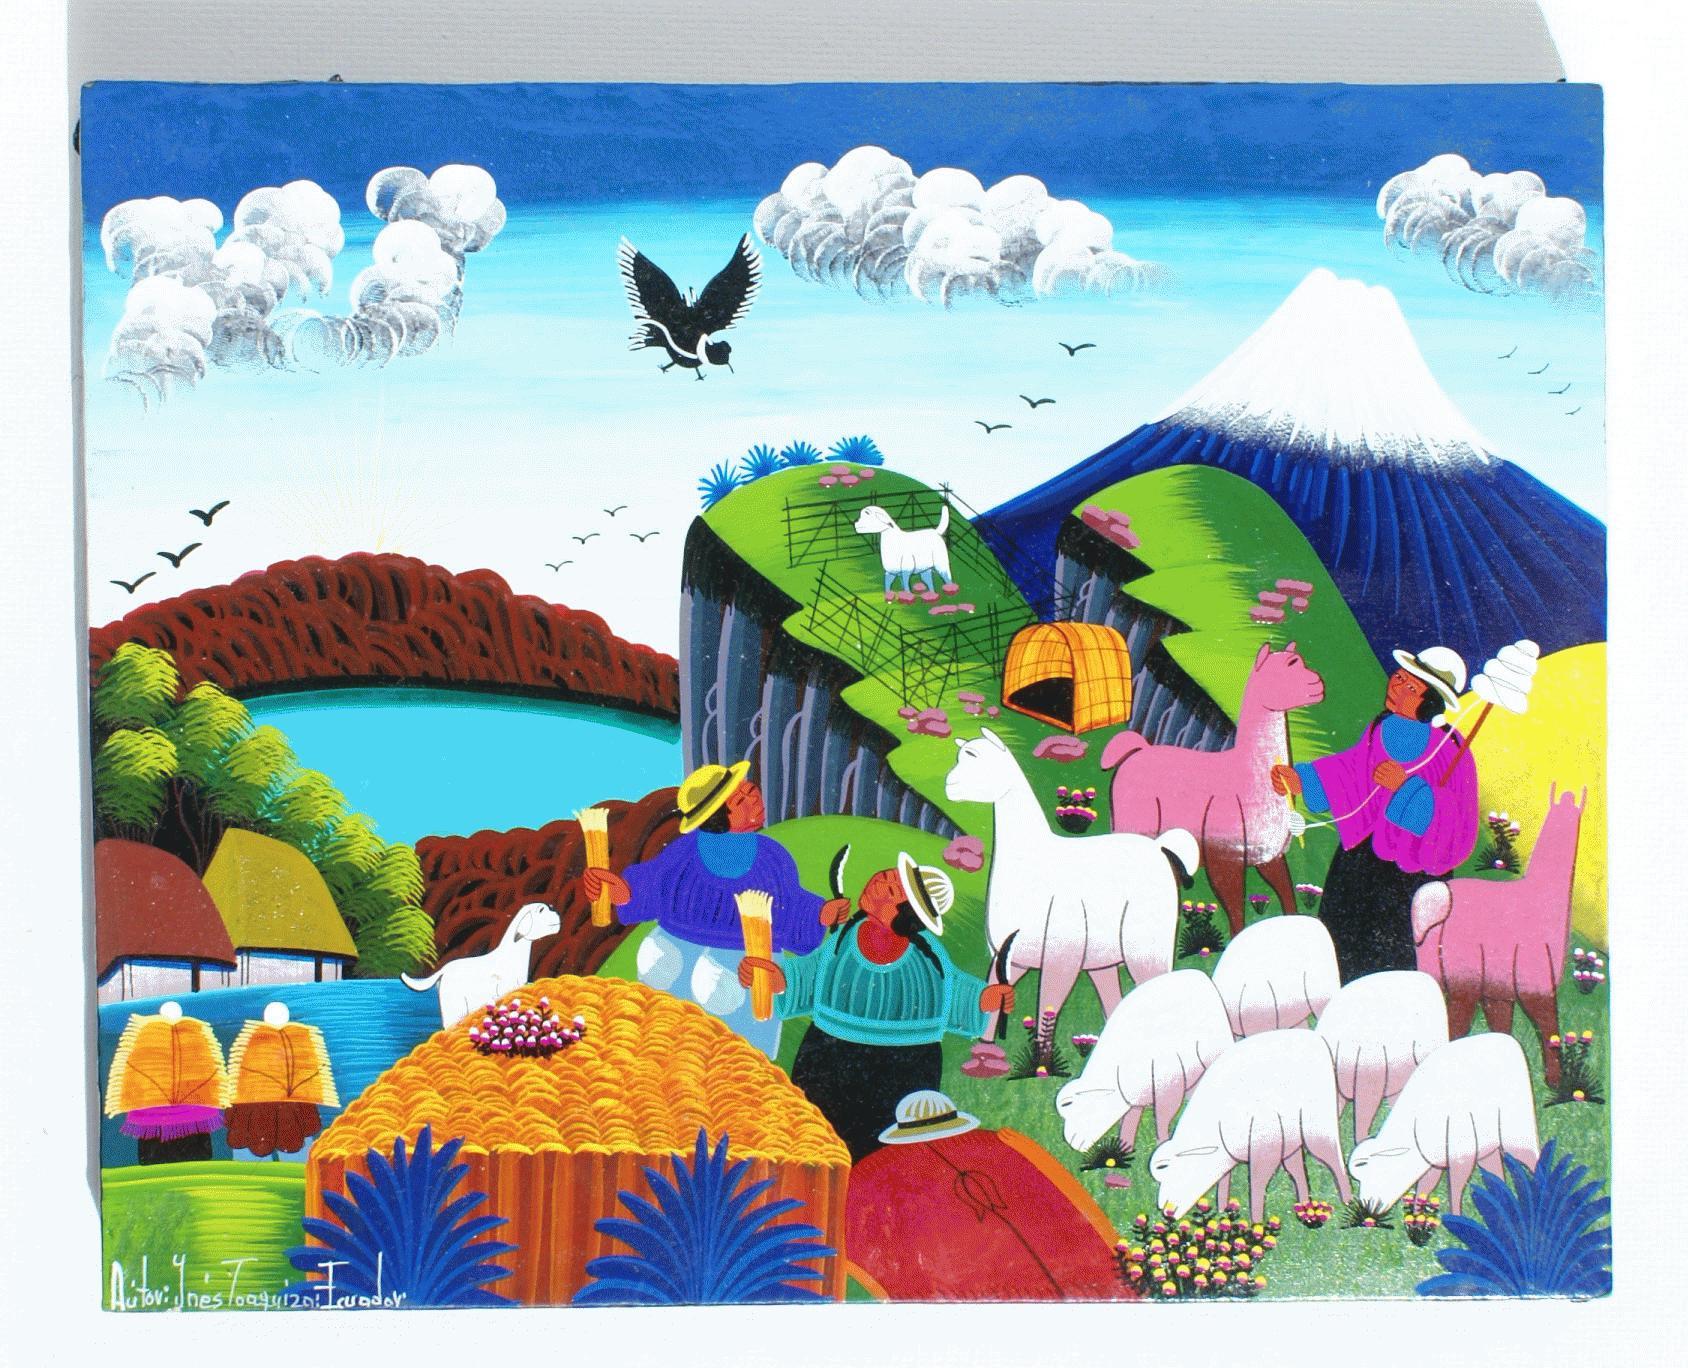 Dibujos de colores tamao 20 x 15 cm Artesana de Ecuador